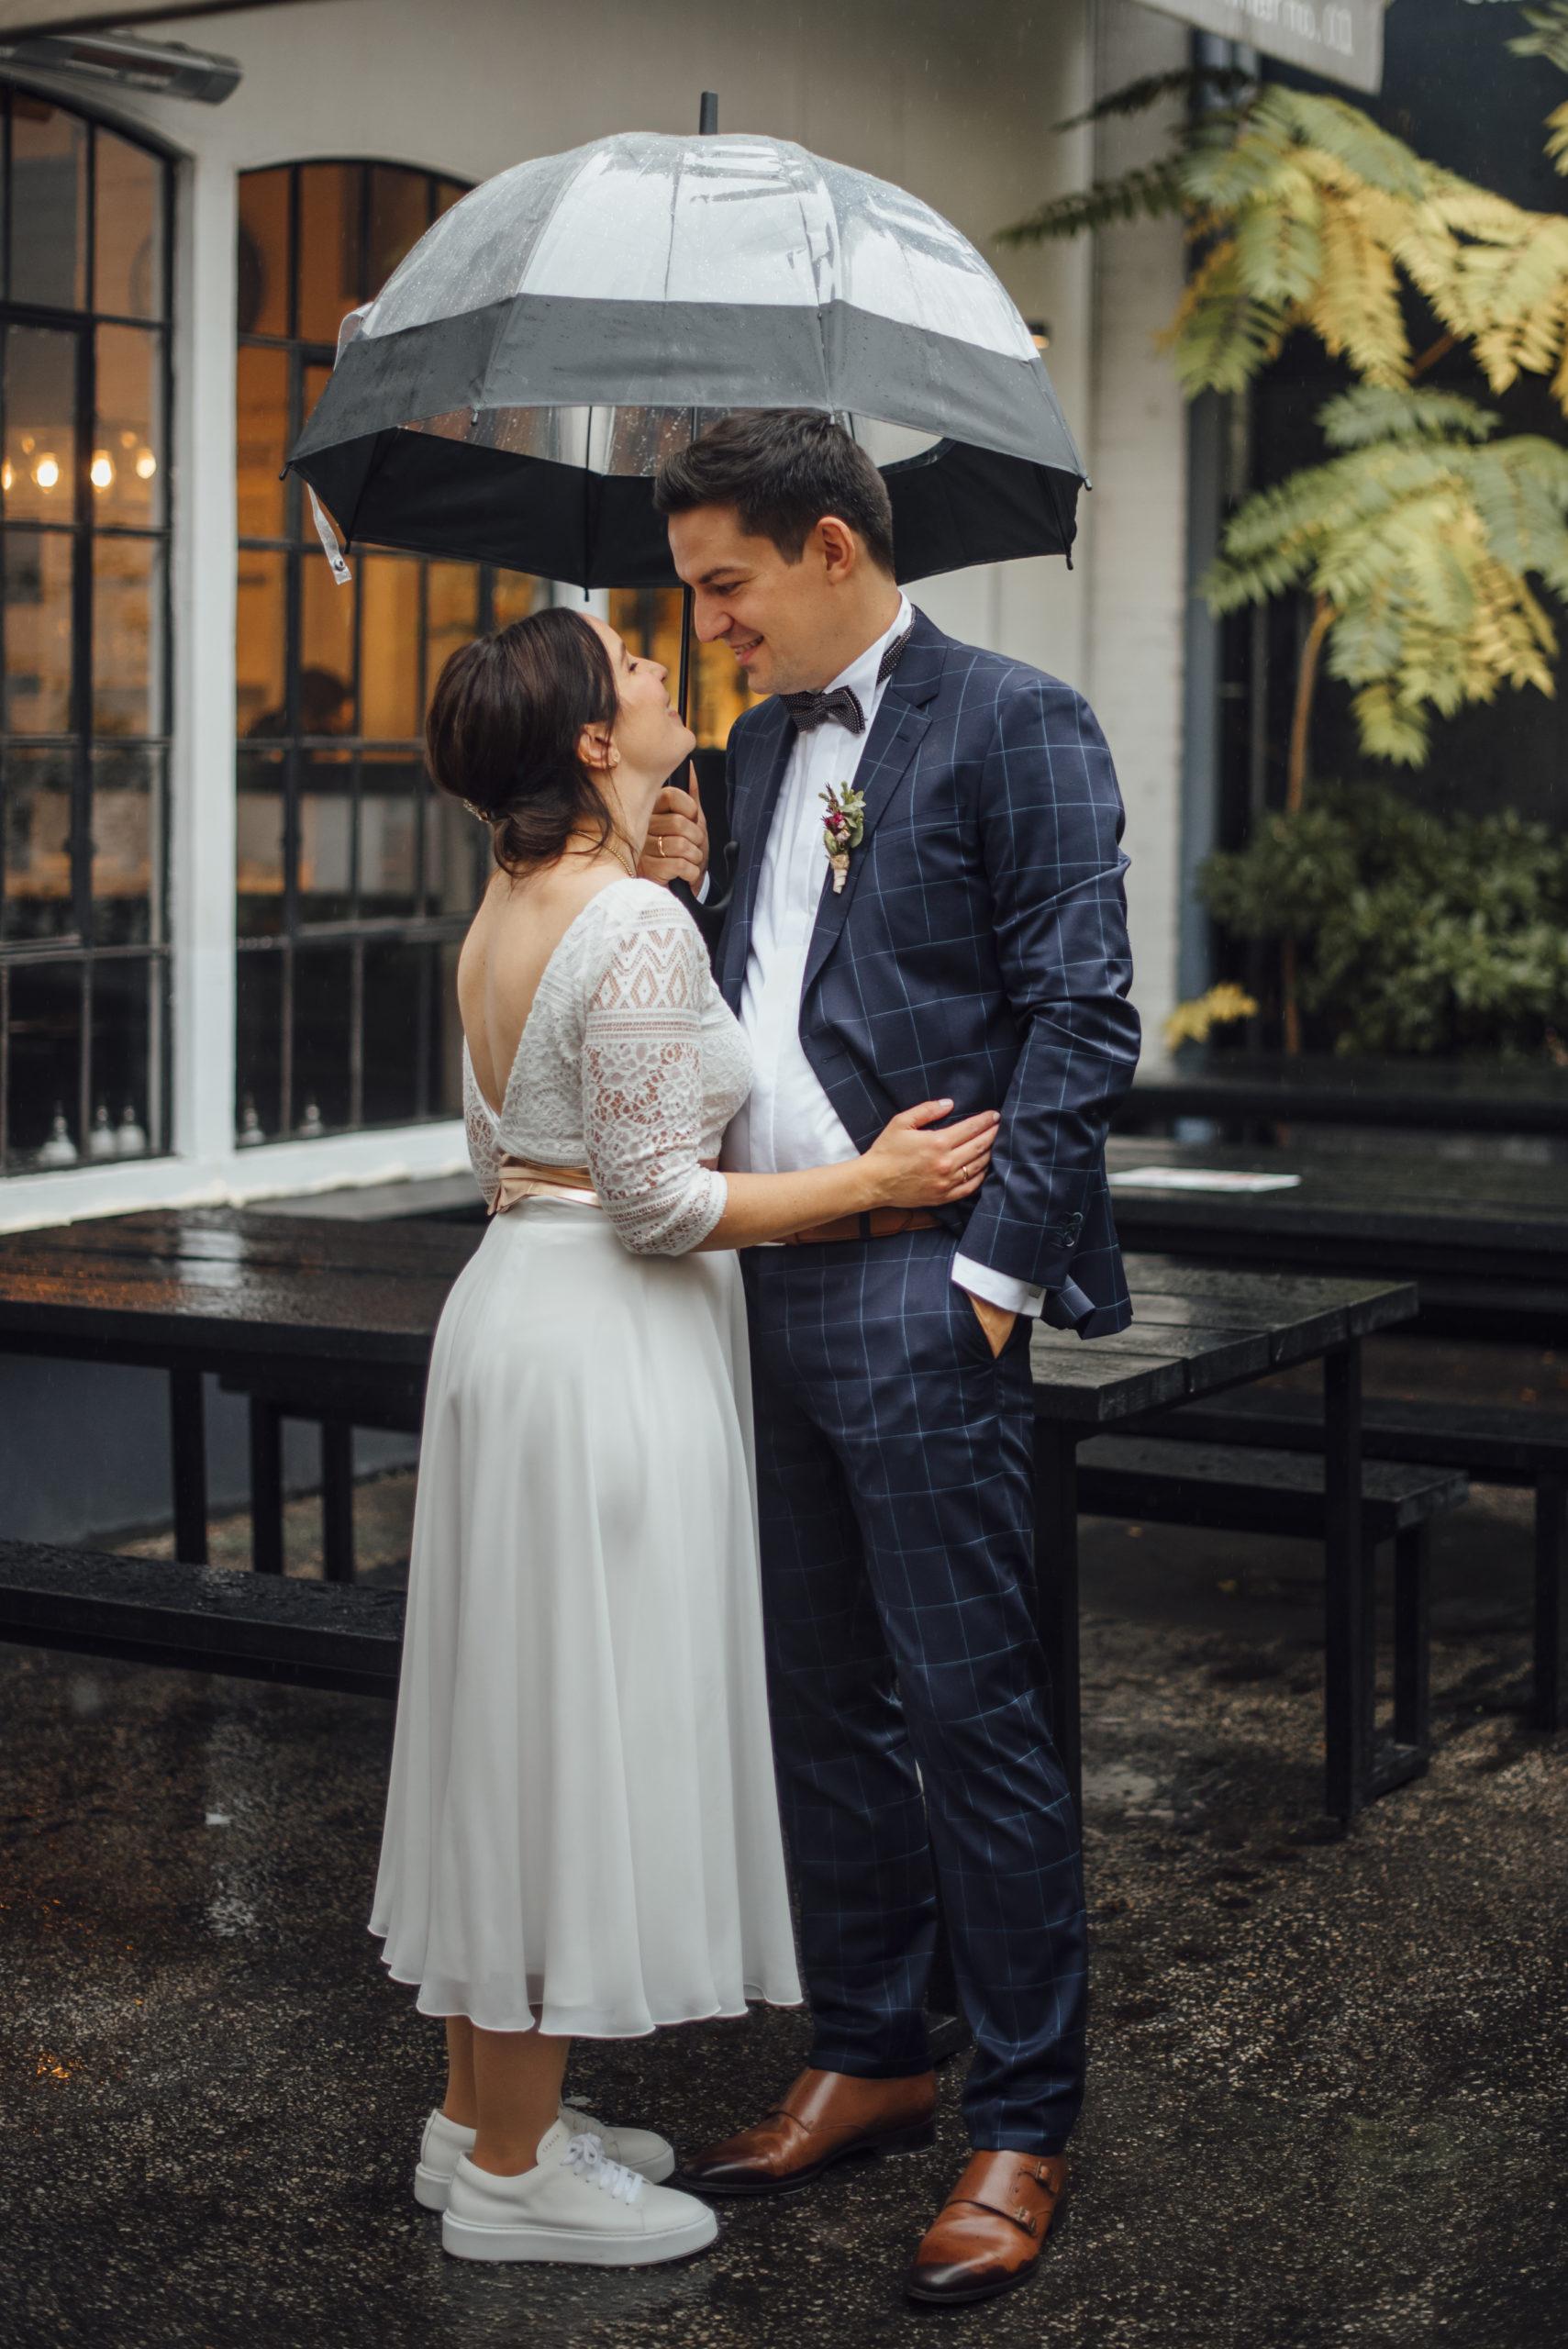 Brautpaar unter transparentem Regenschirm, sich anlächelnd